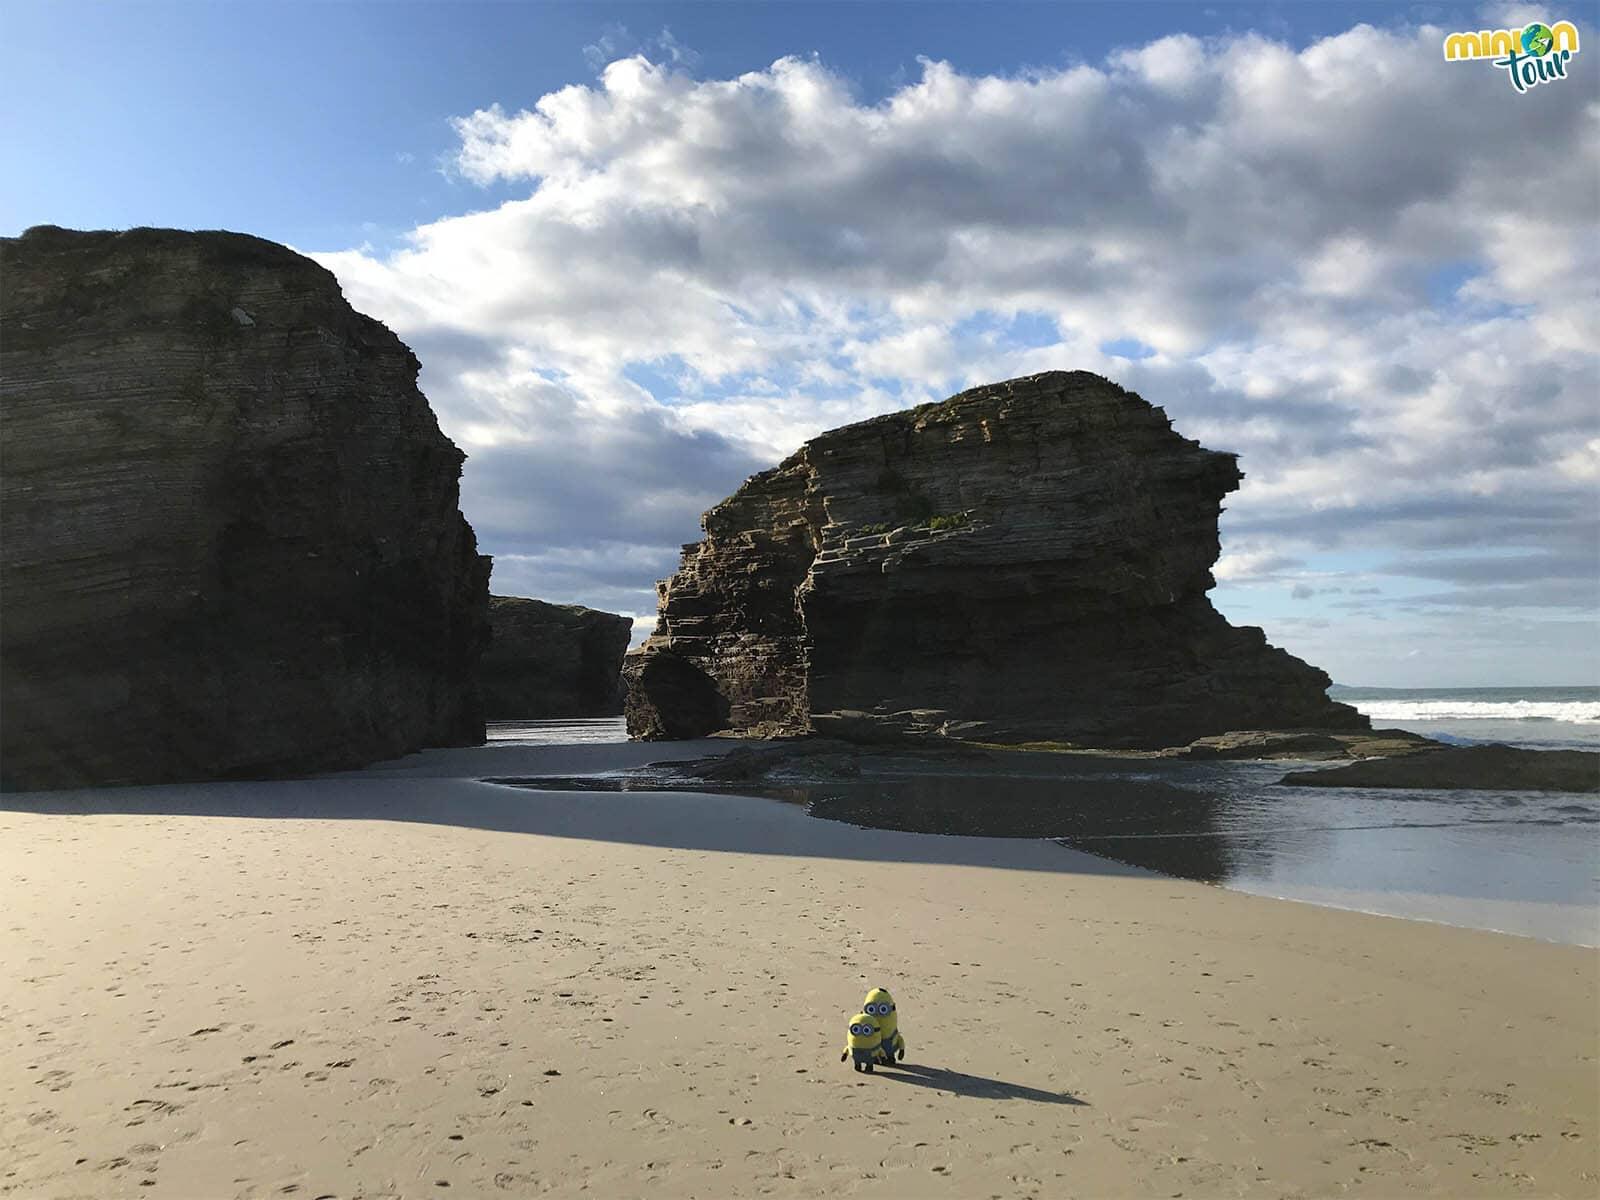 Estamos buscando las catedrales de la playa